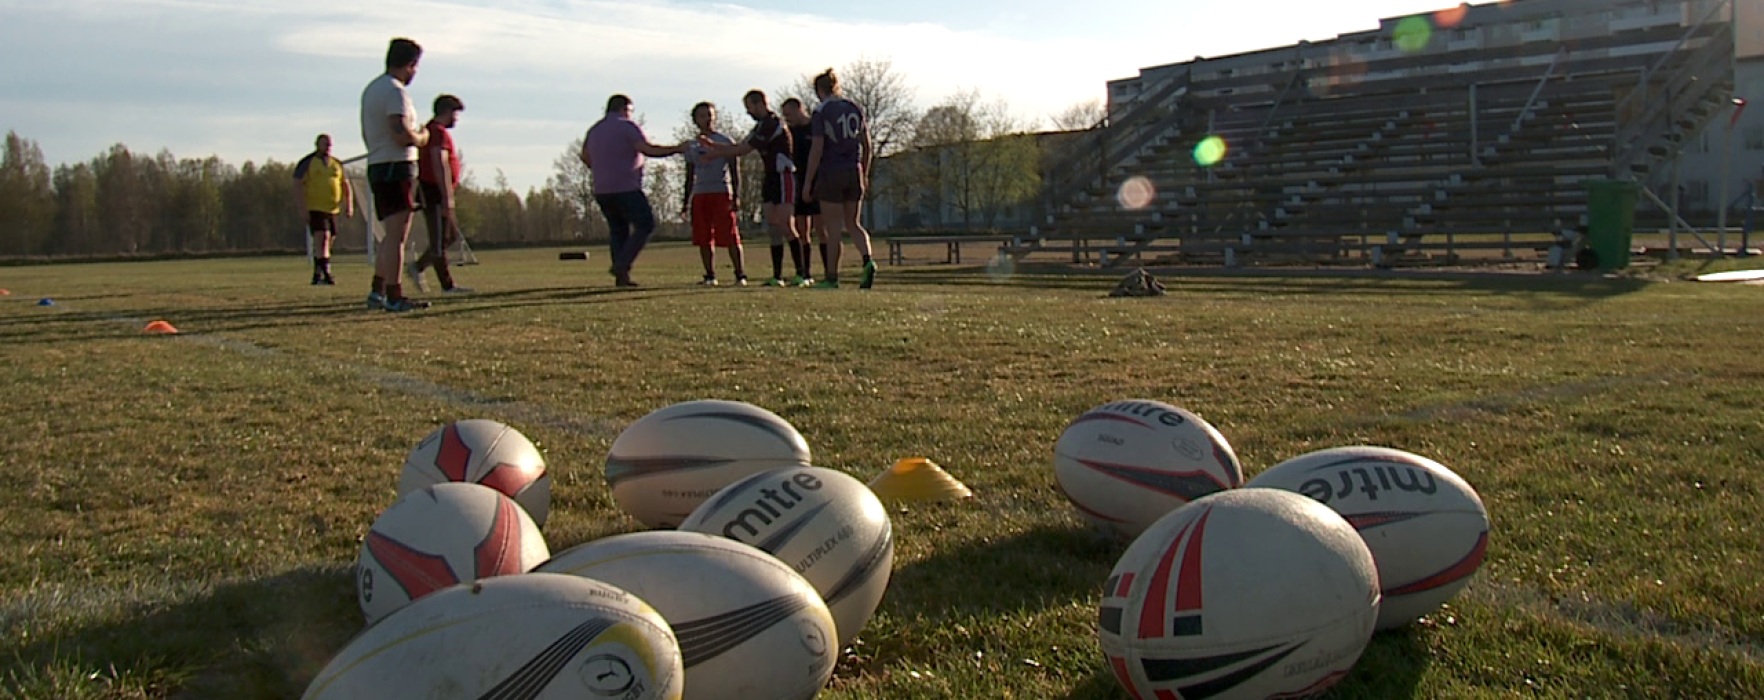 Glimt Sport – Karlstads rugbyklubb